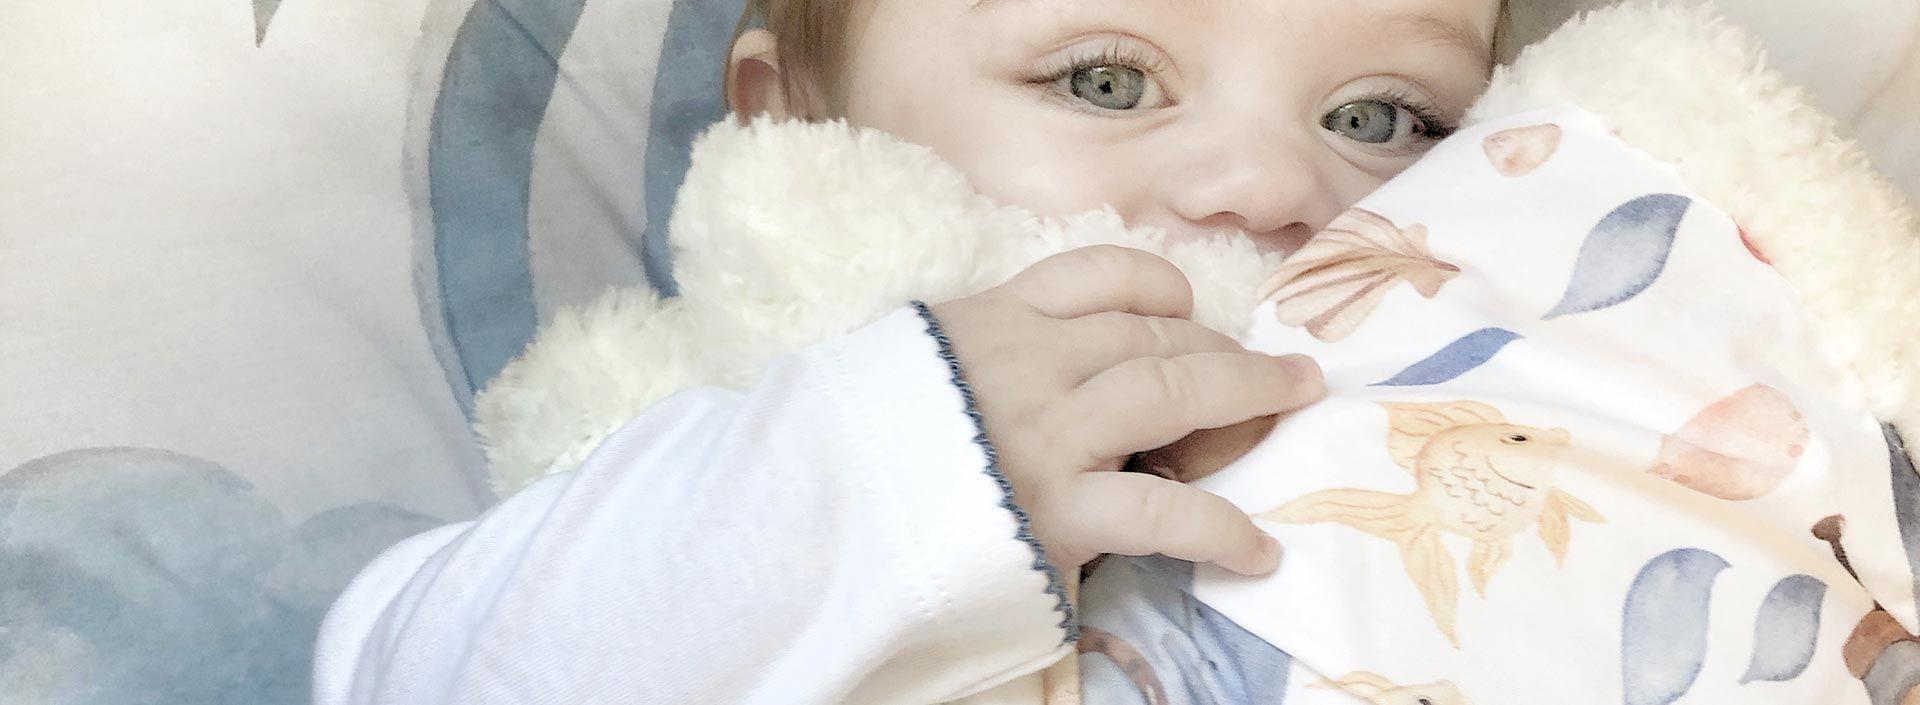 Cosas lindas para bebes y niños